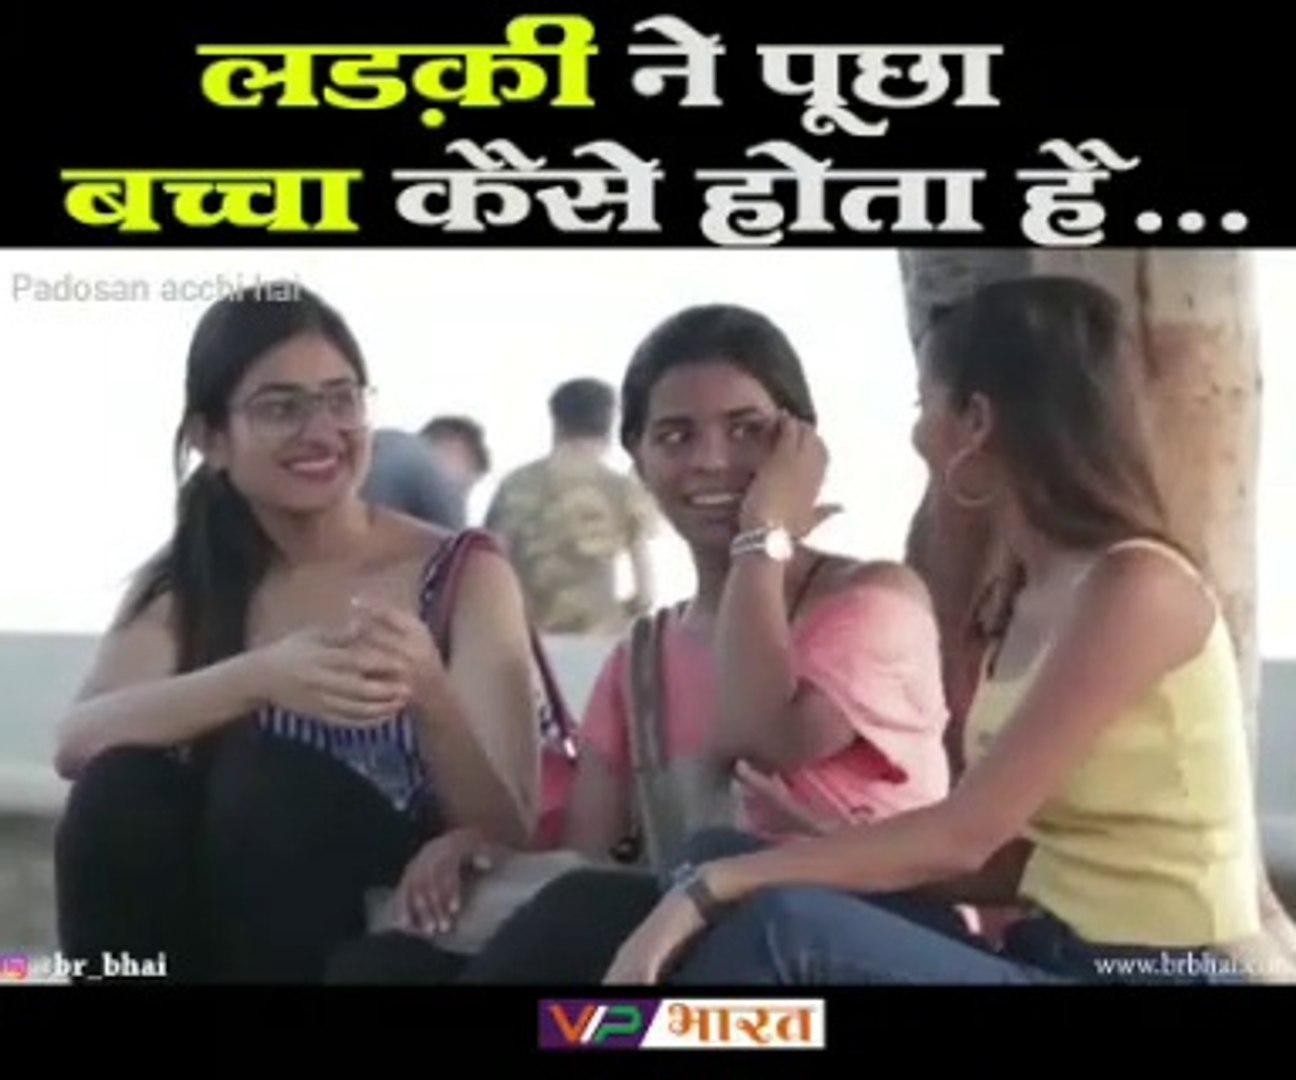 baccha kaise hota hai, prank video funny, Padosan acchi hai, prank video, prank videos funny Hindi,